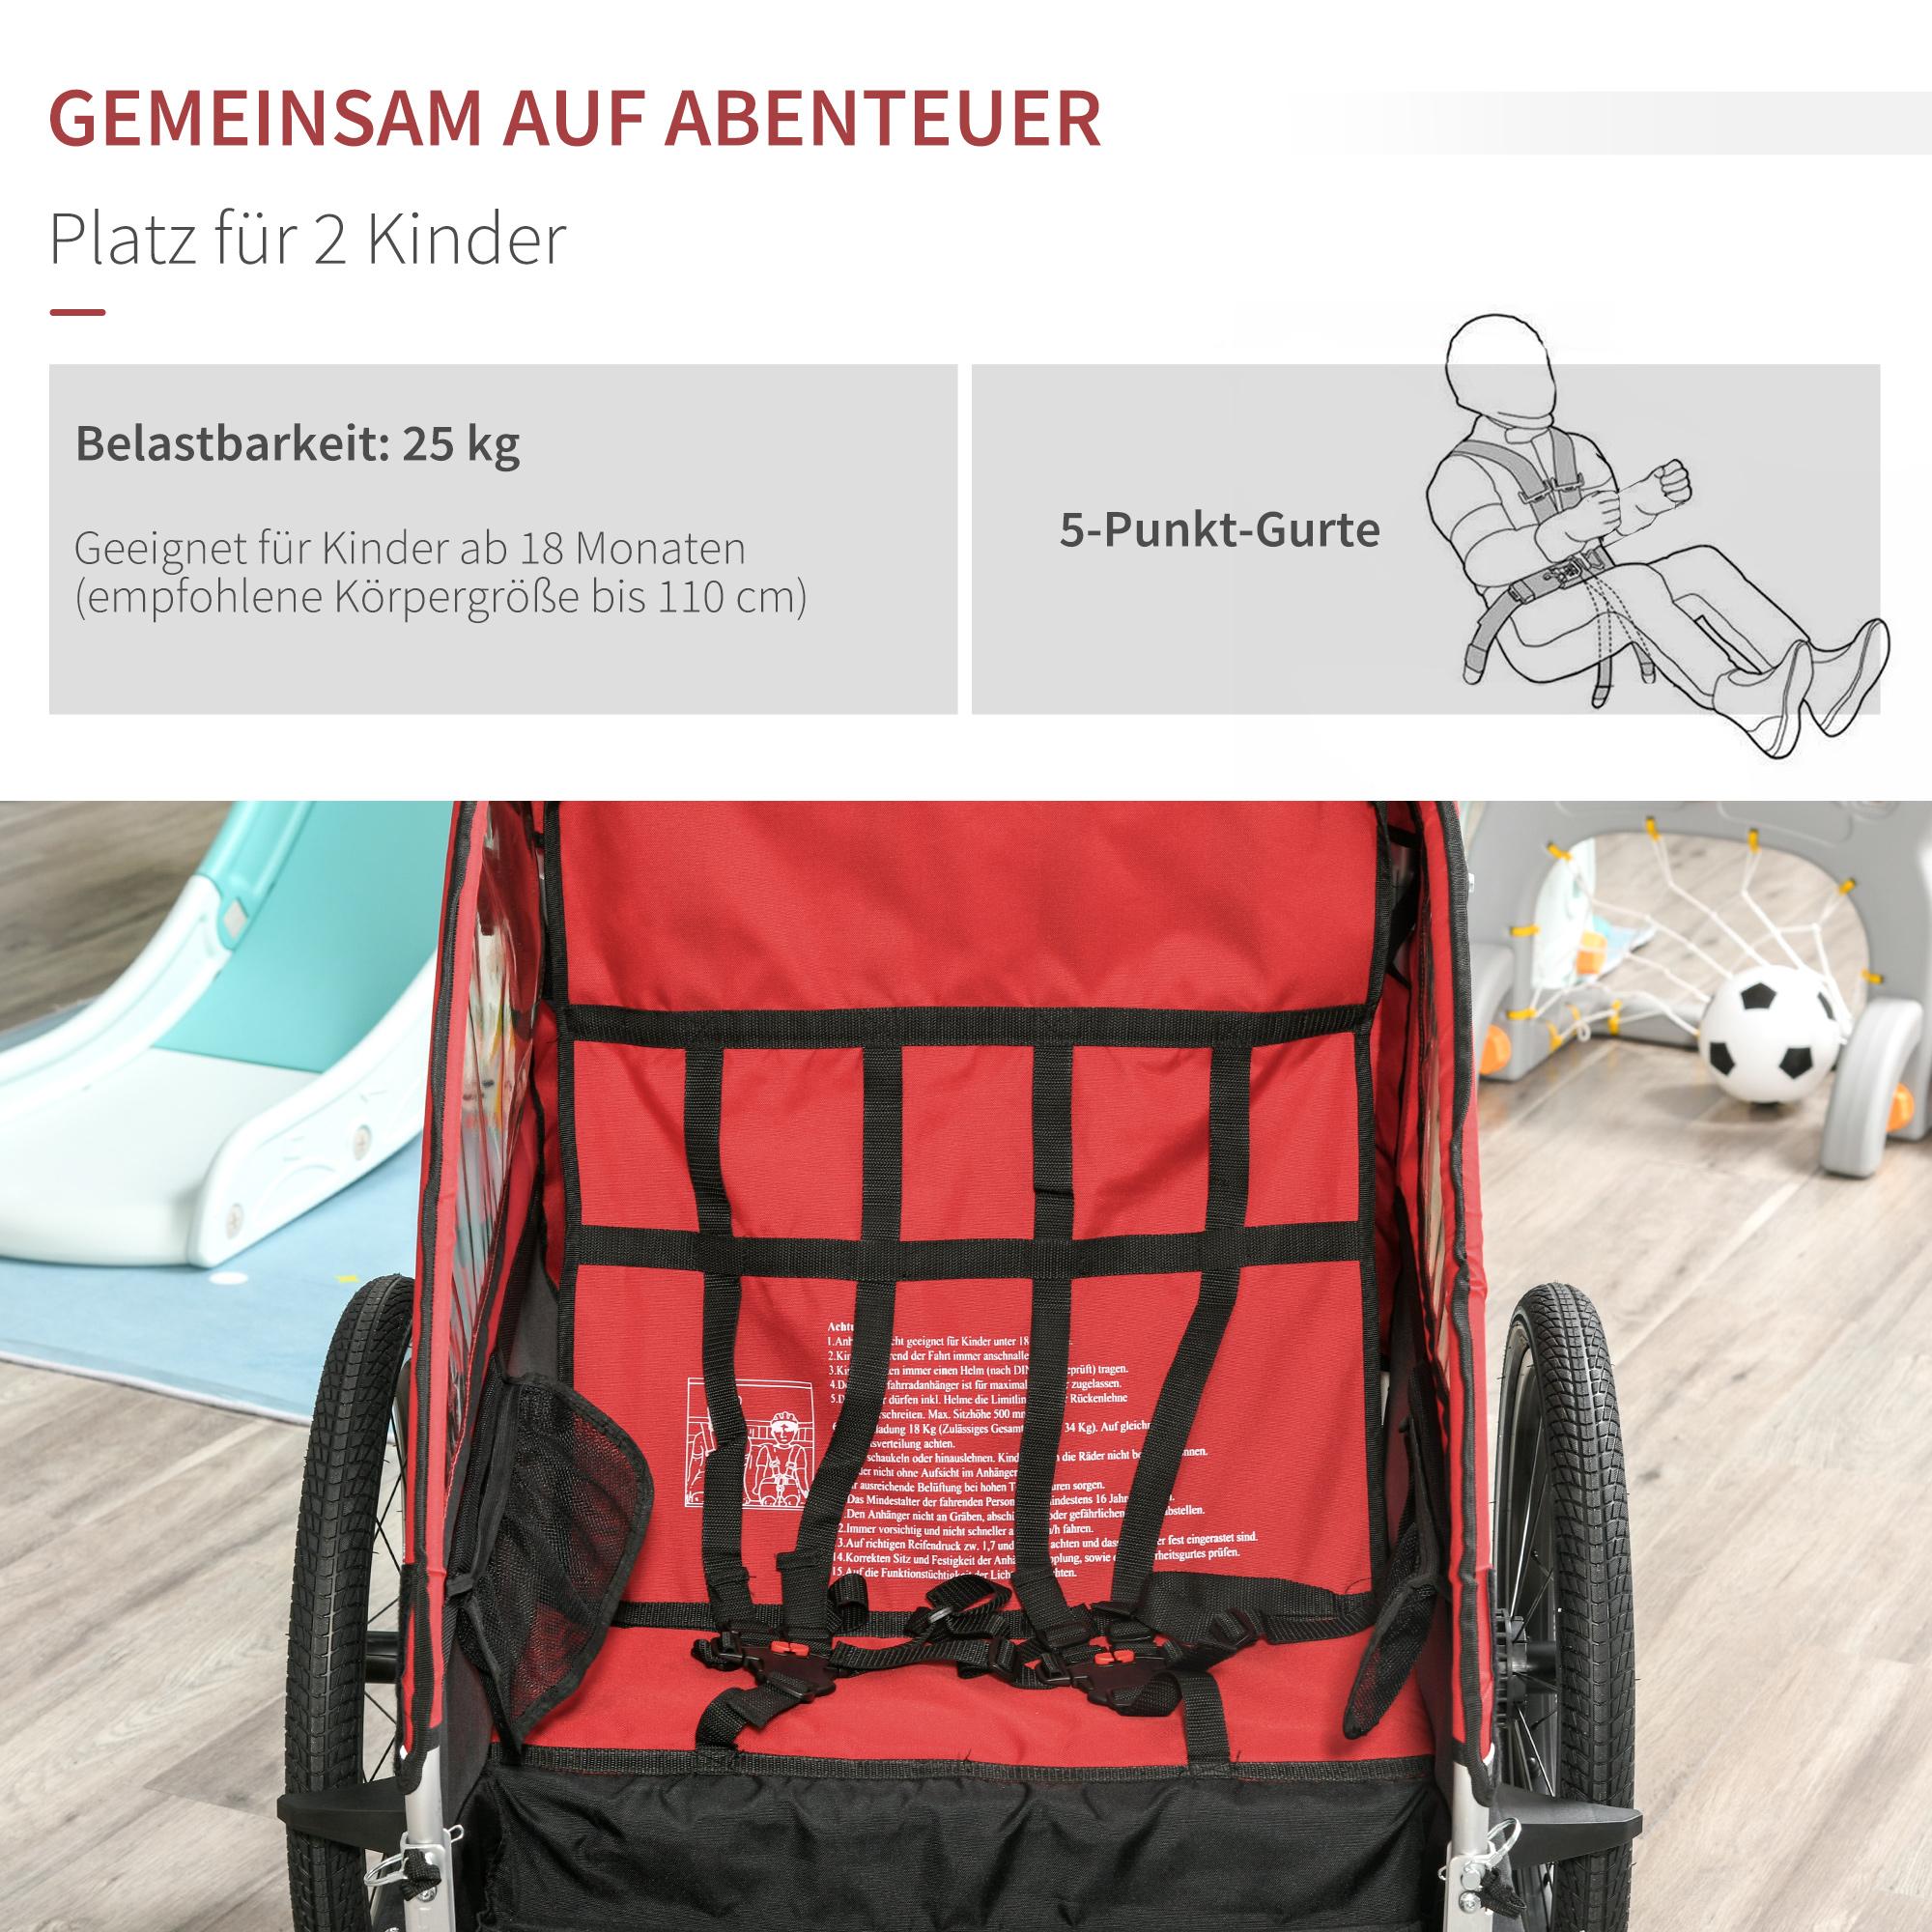 Indexbild 19 - HOMCOM 3 in 1 Kinderanhänger Jogger Fahrradanhänger für 2 Kinder Alu